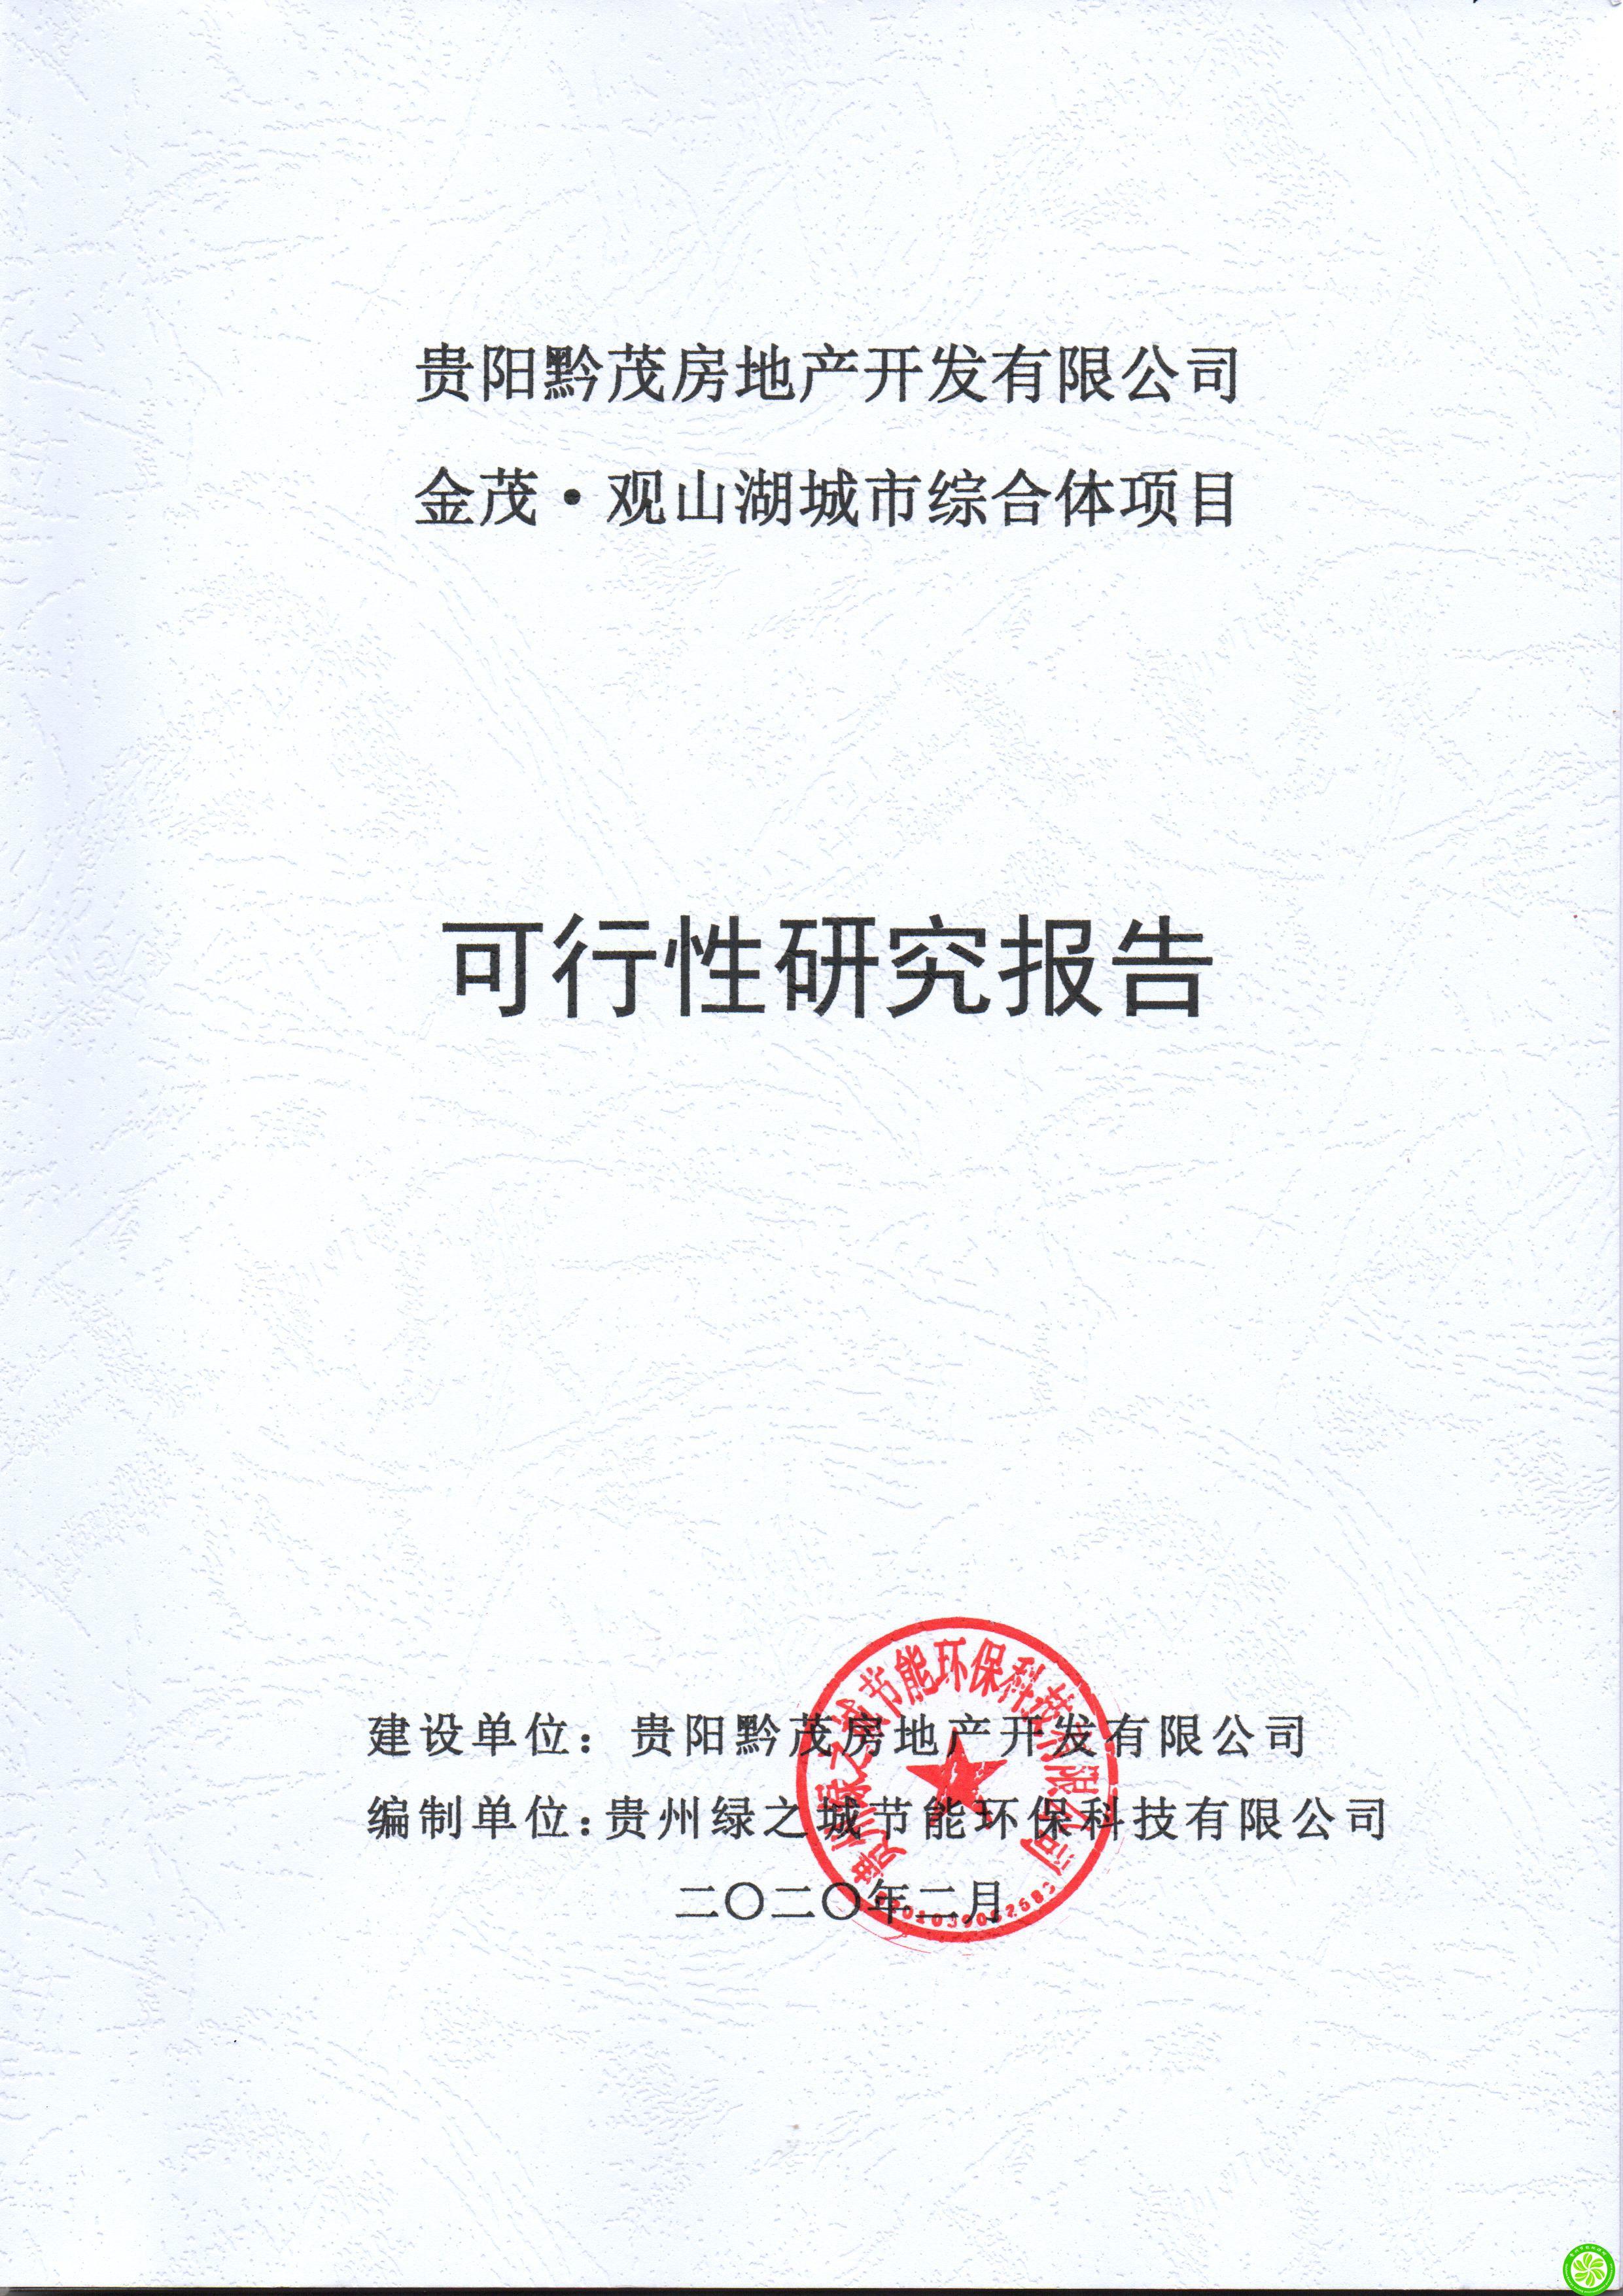 贵阳黔茂房地产开发有限公司金茂·观山湖城市综合体项目可行性研究报告